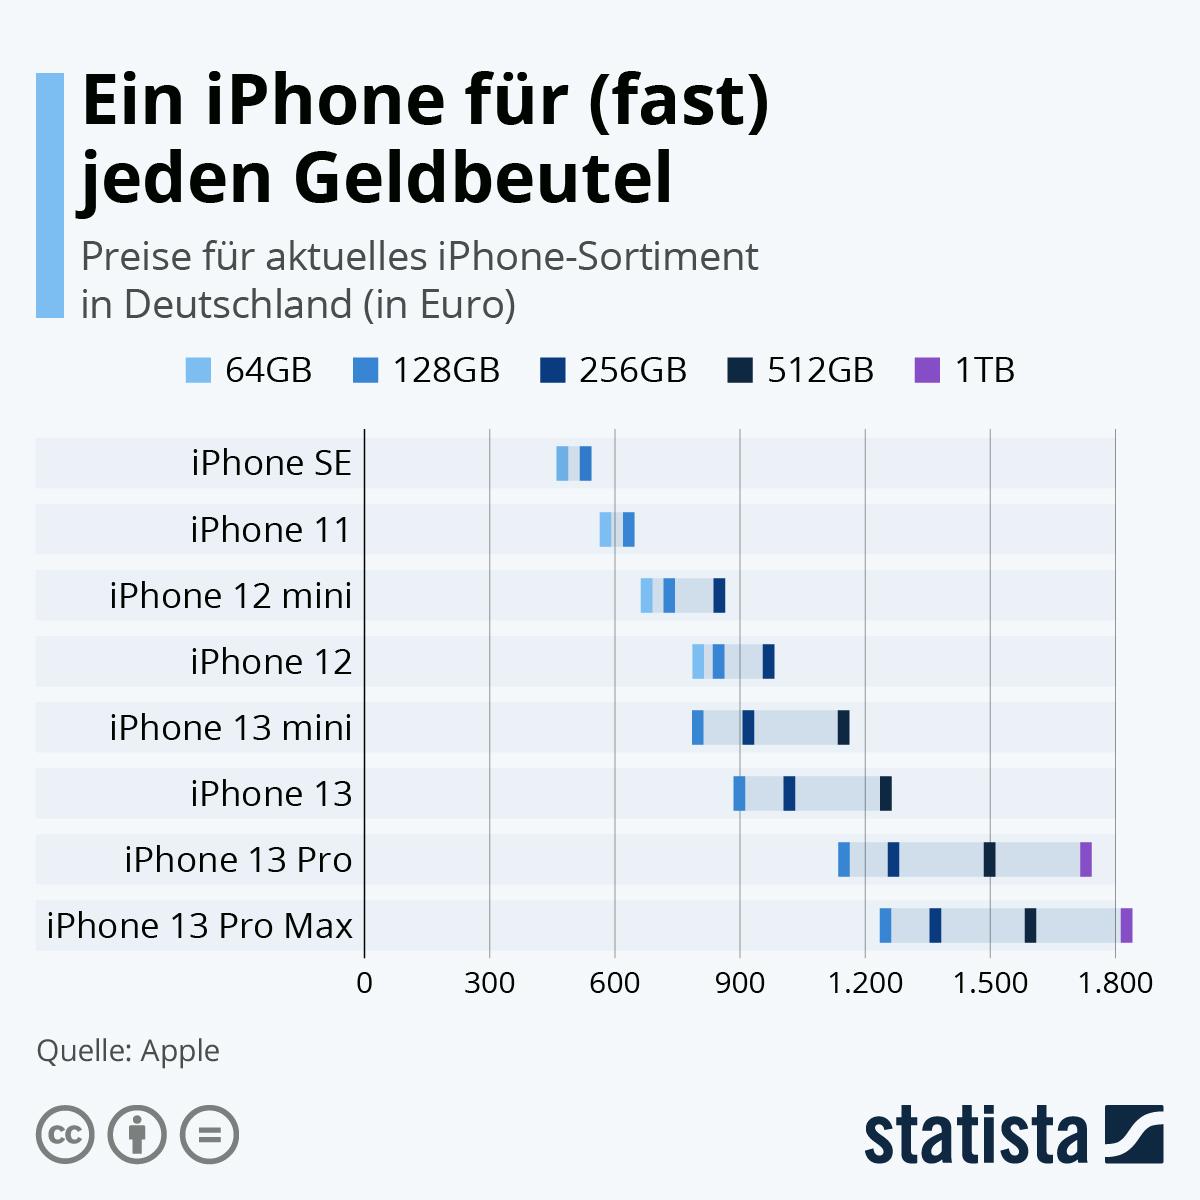 Infografik: Ein iPhone für (fast) jeden Geldbeutel | Statista